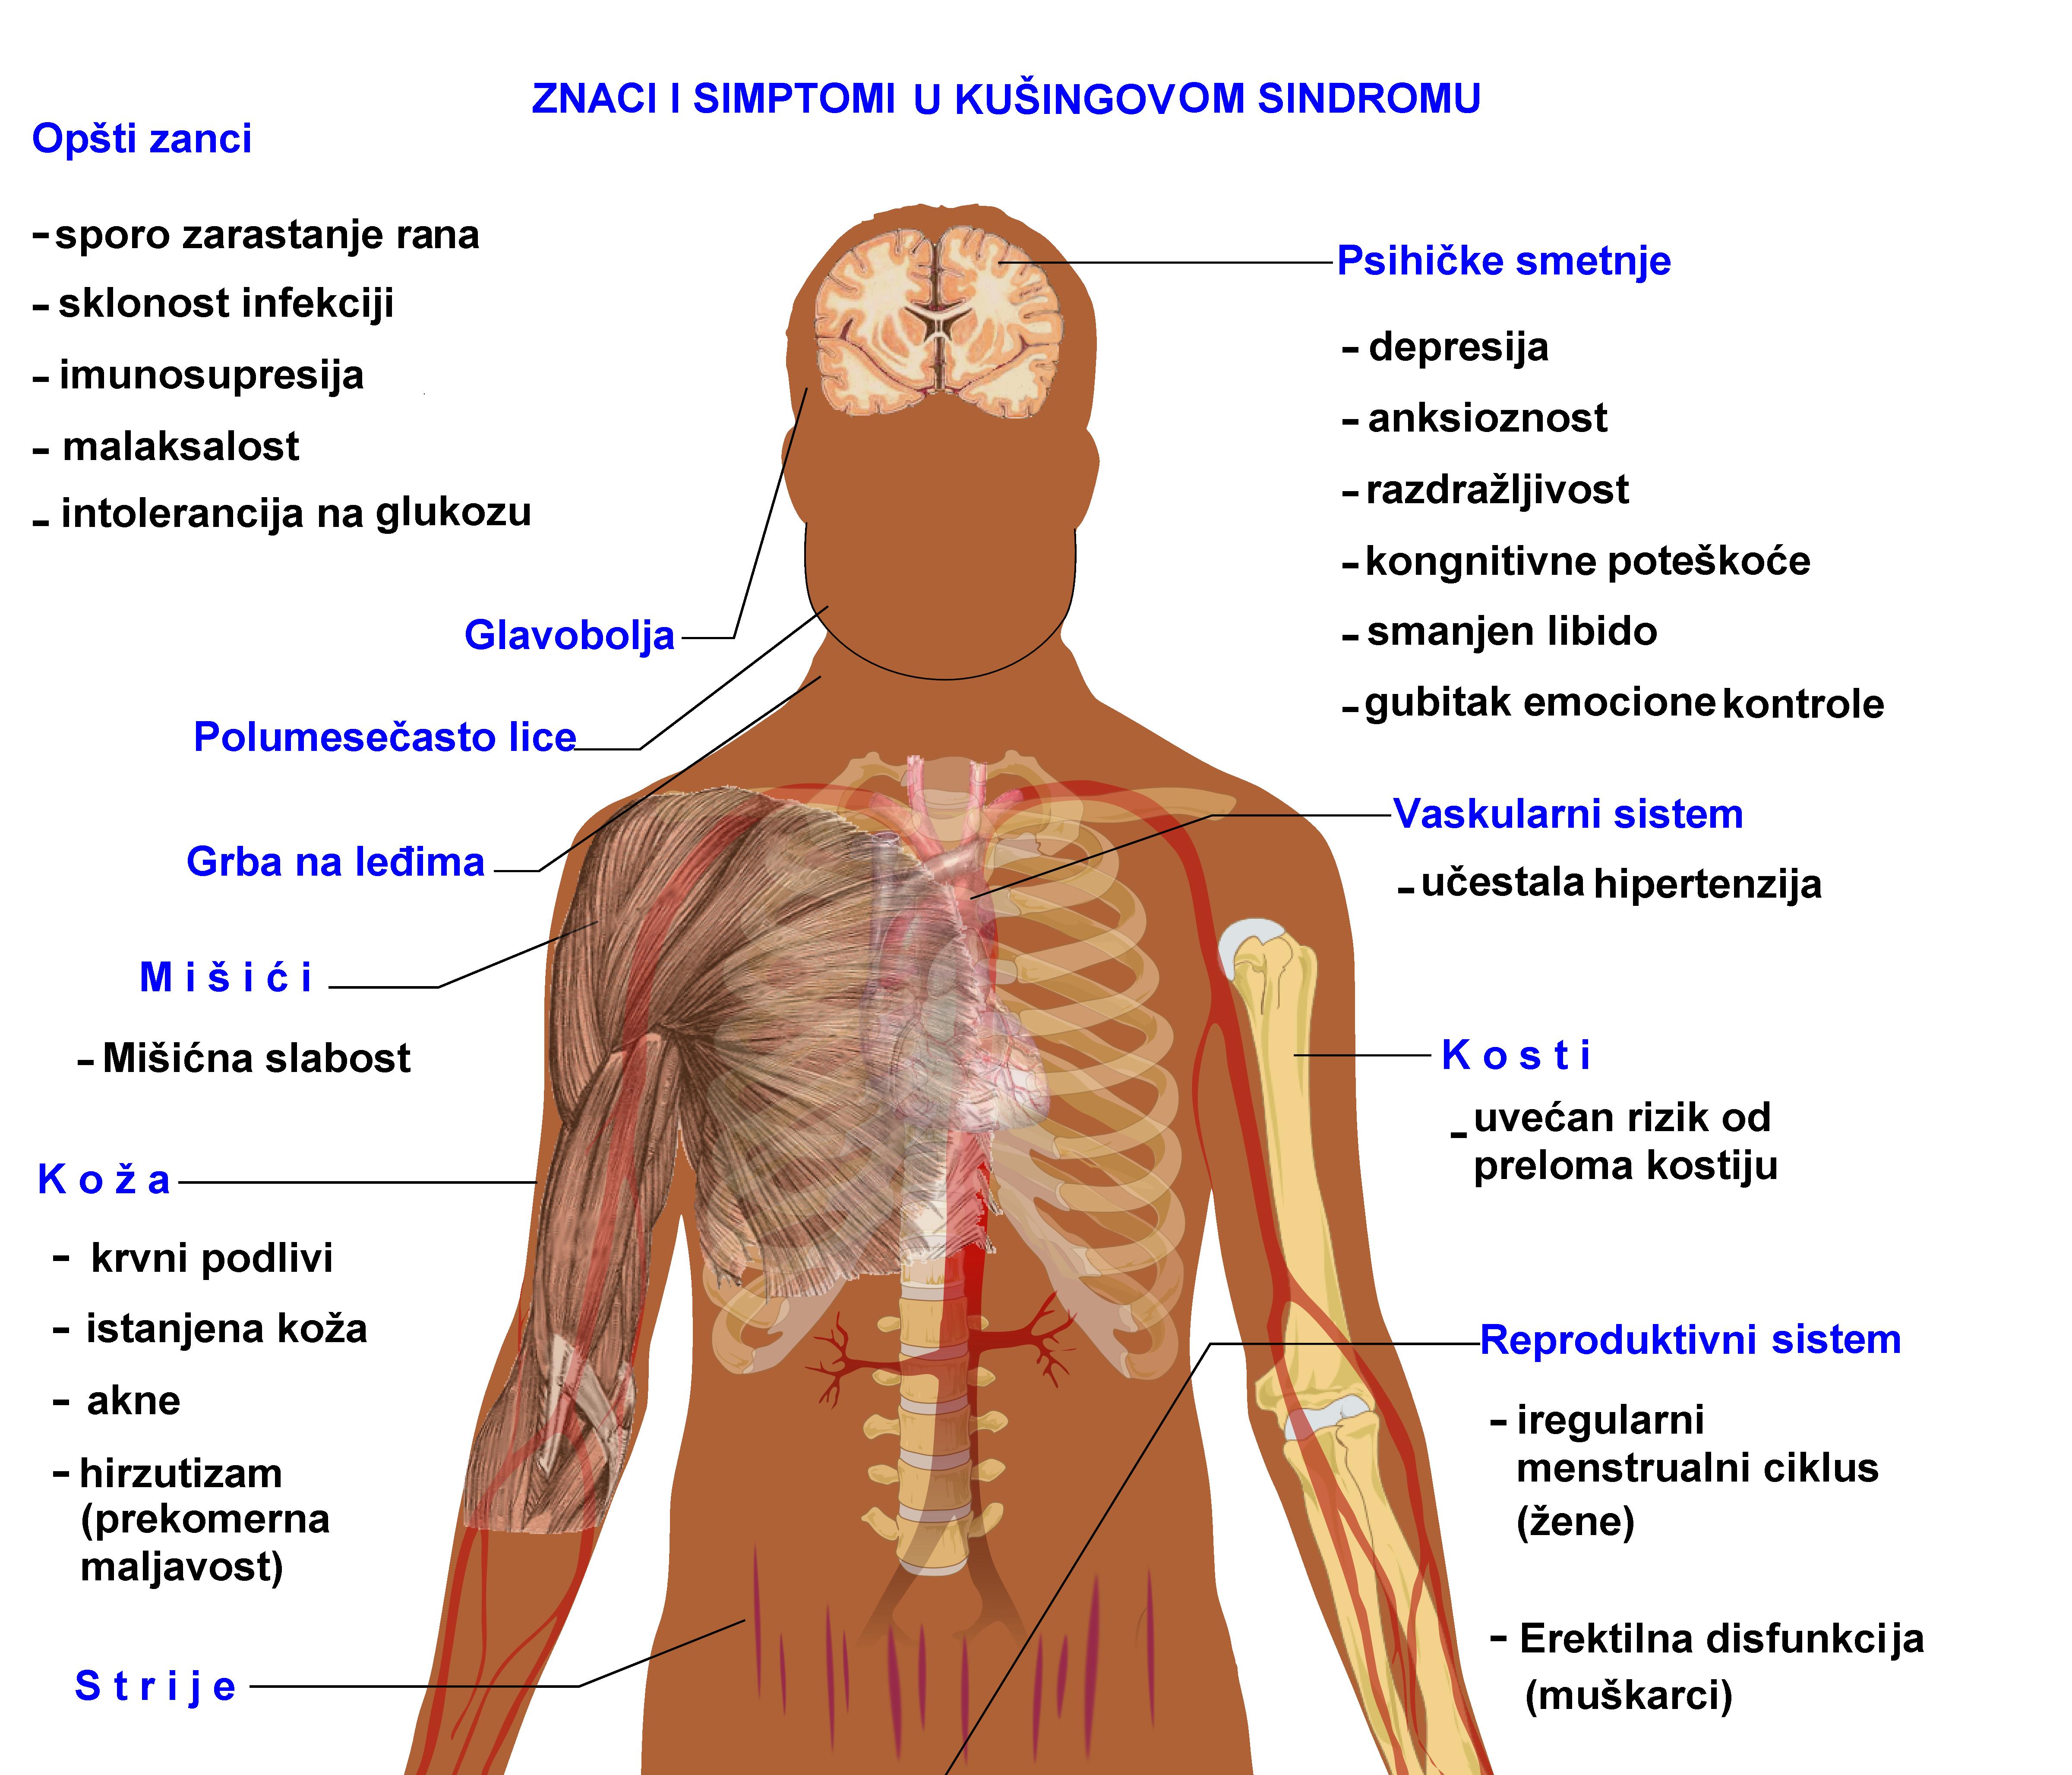 hipertenzija kože